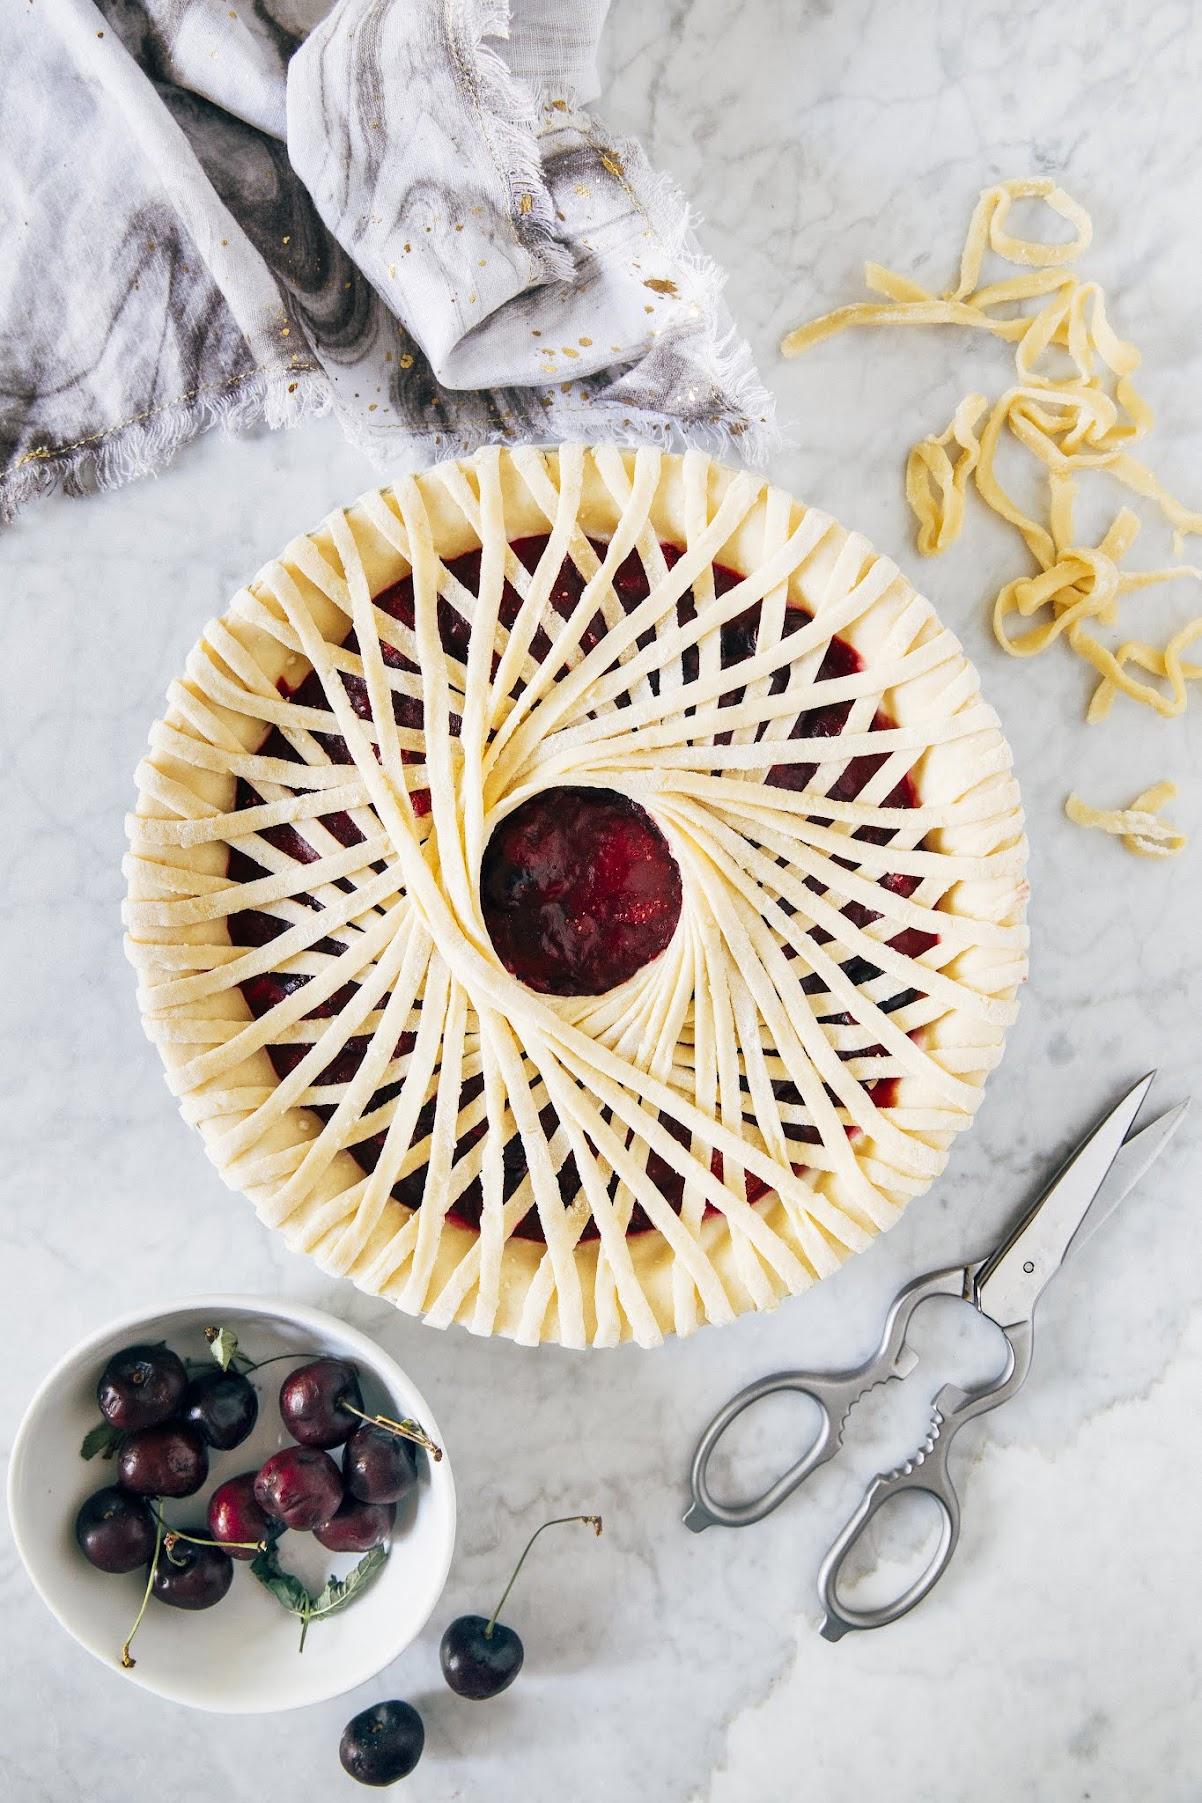 cherry lambic spoke pie